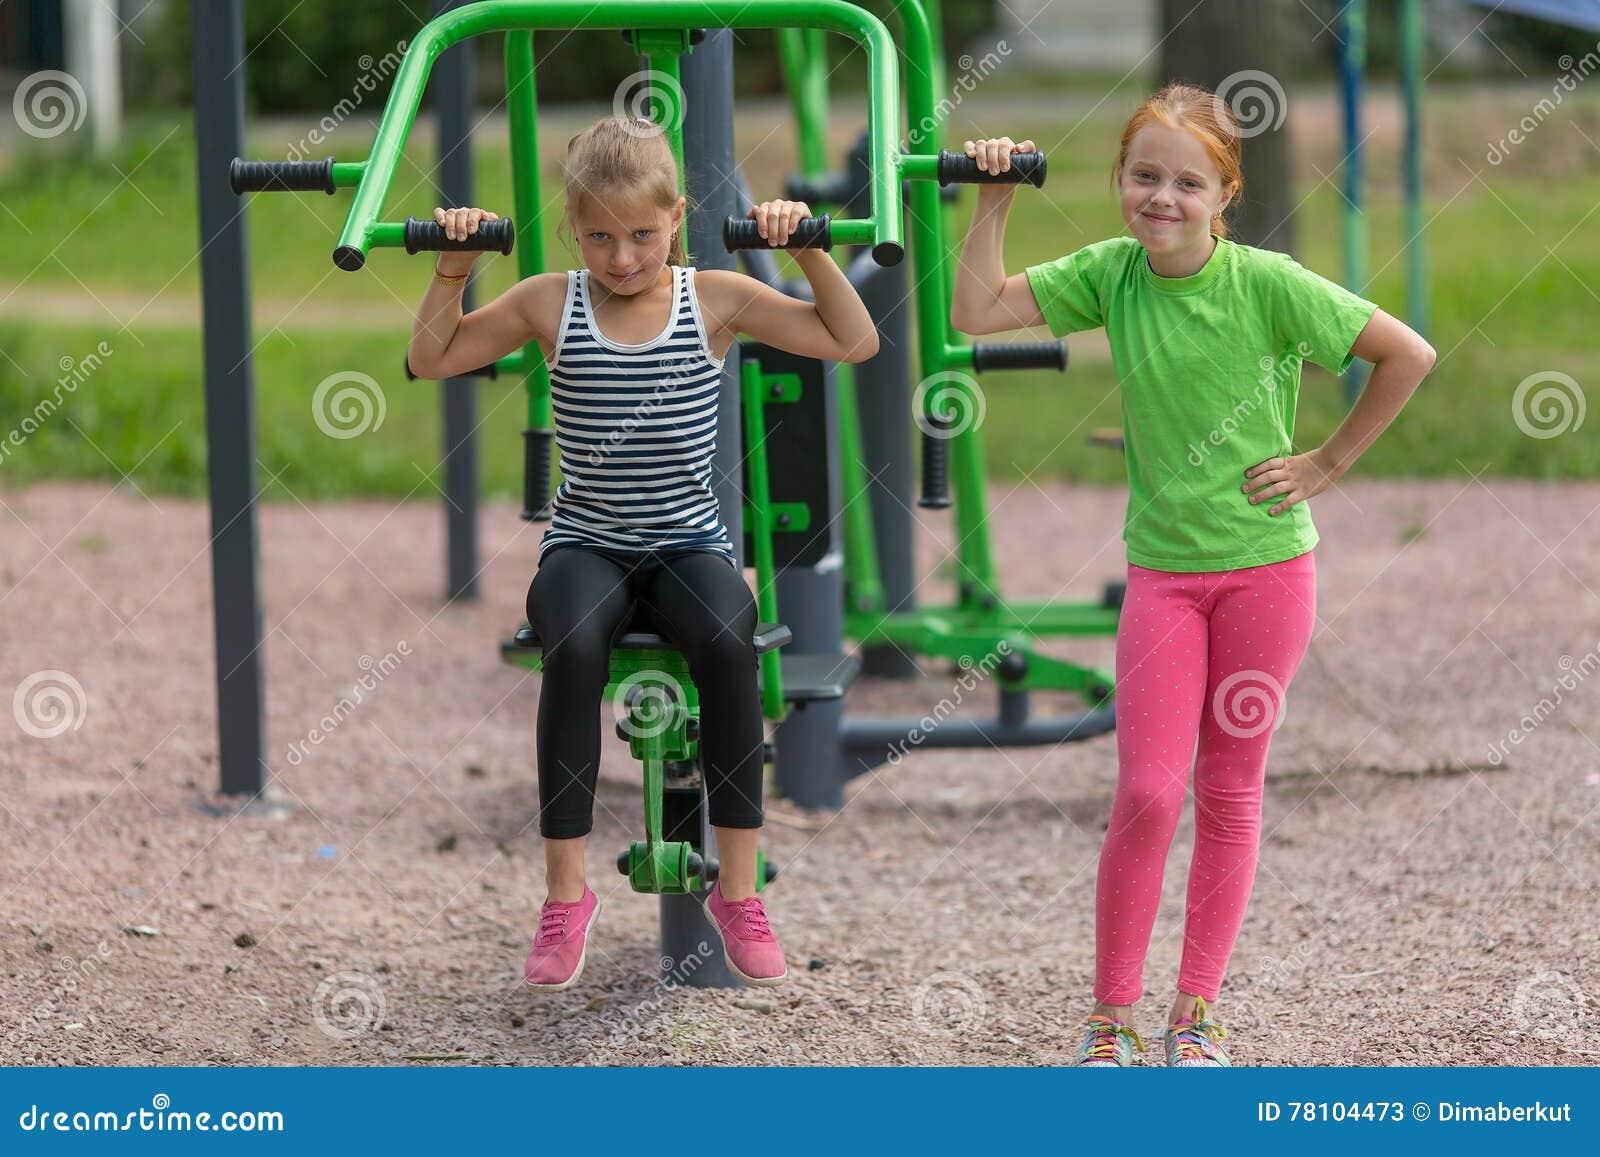 Deux petites filles mignonnes est engagées dans l équipement de forme physique